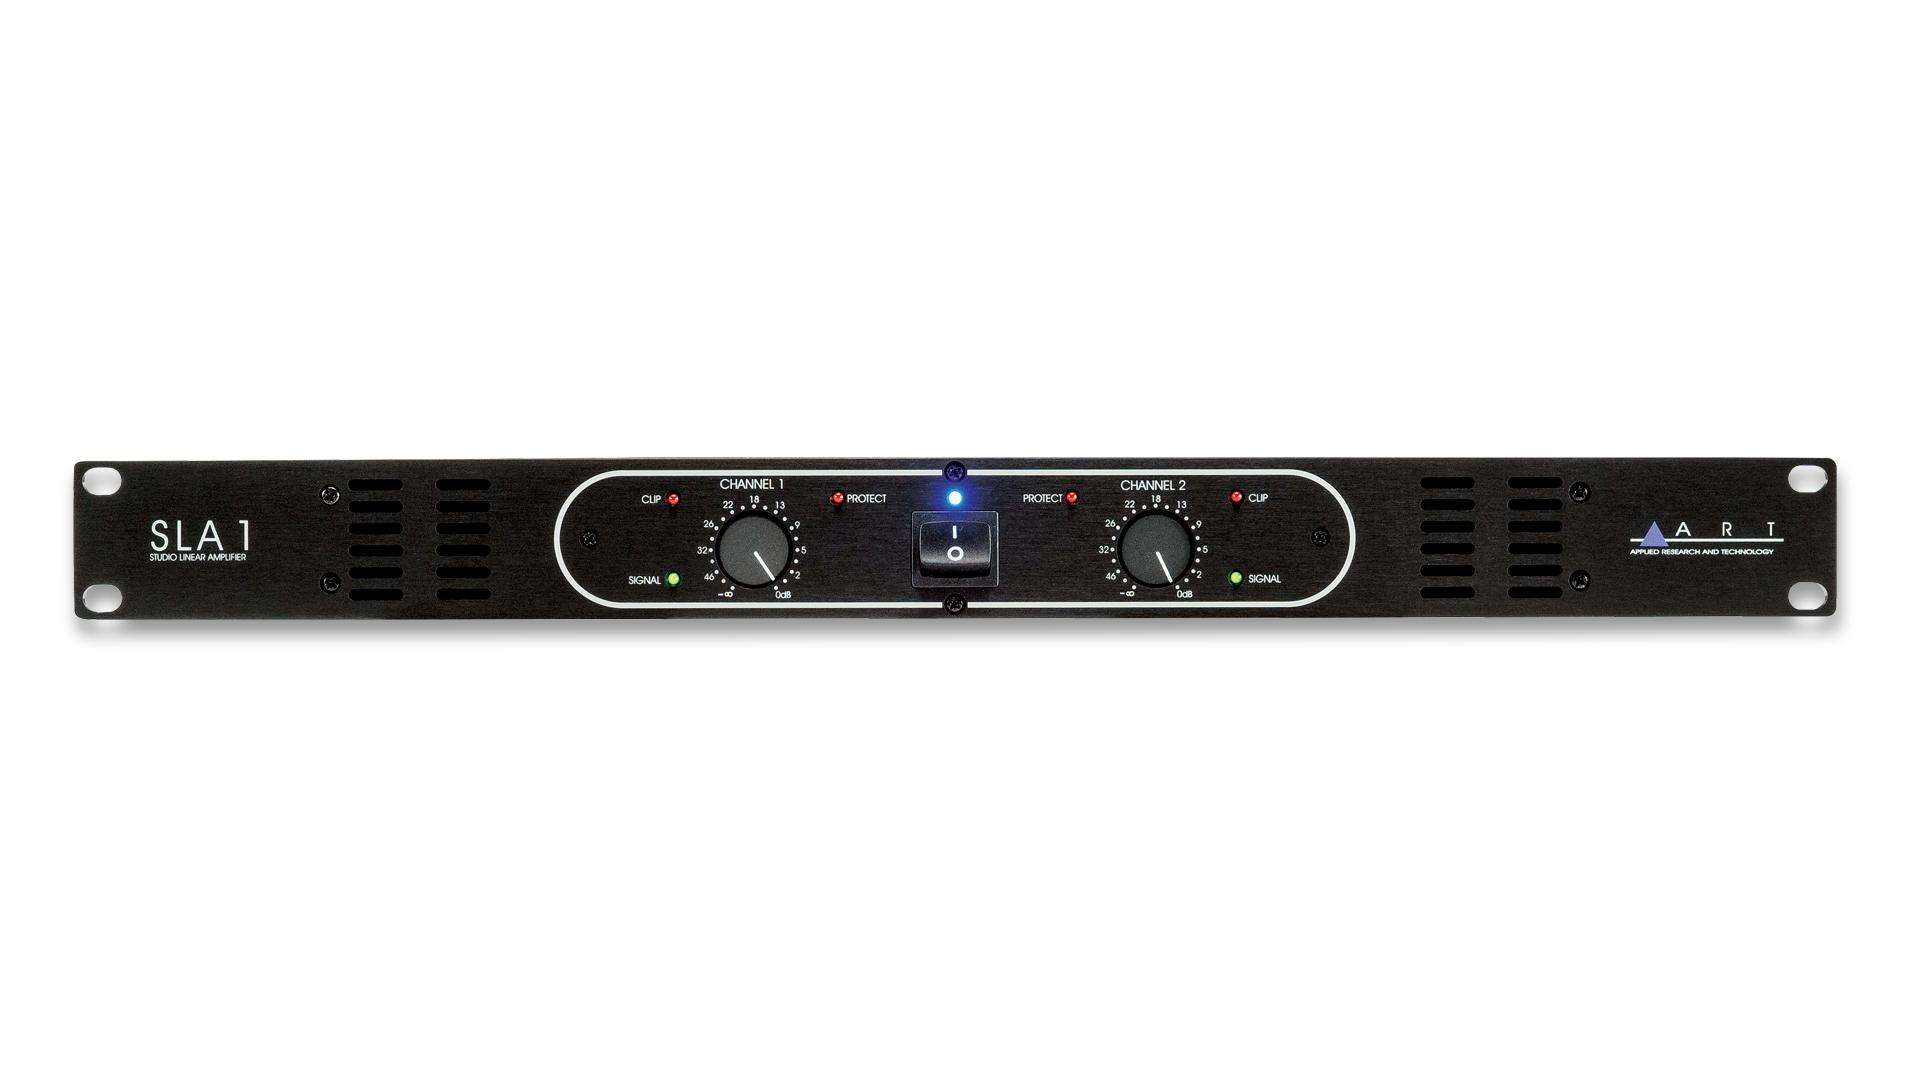 Sla 1 100w Power Amplifier Art Pro Audio Preamplifier Overview